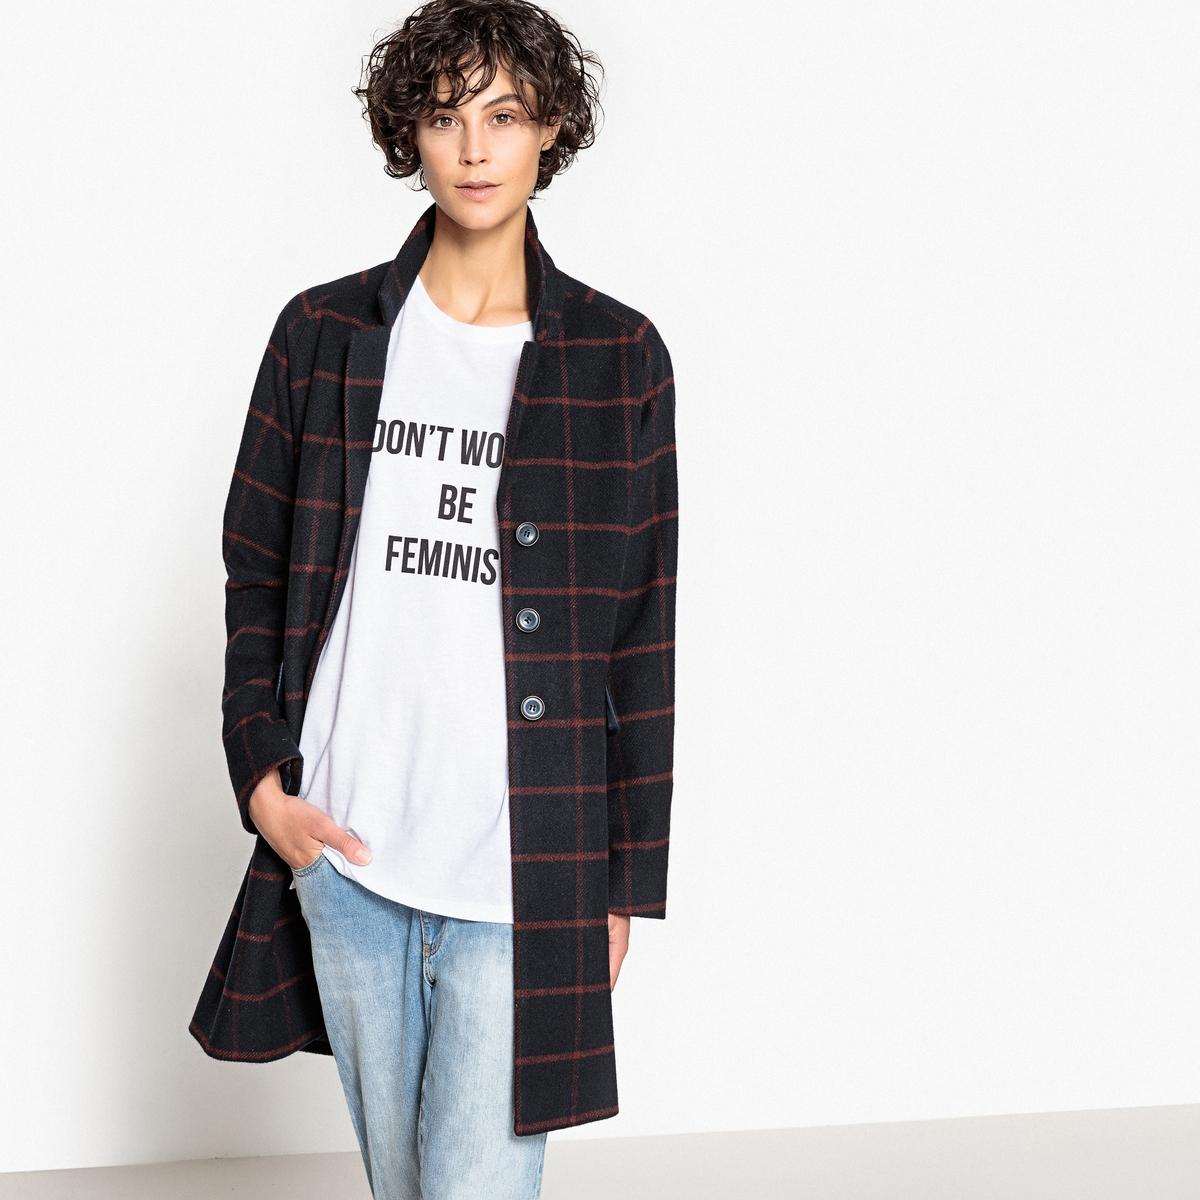 Пальто женское прямого покроя в мужском стилеОписание:Замечательный покрой, качественная ткань в клетку, пальто в мужском стиле является одним из модных предметов гардероба этой зимой. Идеальное демисезонное пальто.Детали •  Длина : средняя •  Воротник пиджачный •  Рисунок в клетку • Застежка на пуговицыСостав и уход •  25% шерсти, 45% акрила, 5% других волокон, 25% полиэстера •  Следуйте рекомендациям по уходу, указанным на этикетке изделия •  Длина : 90 см<br><br>Цвет: в клетку темно-синий/бордовый